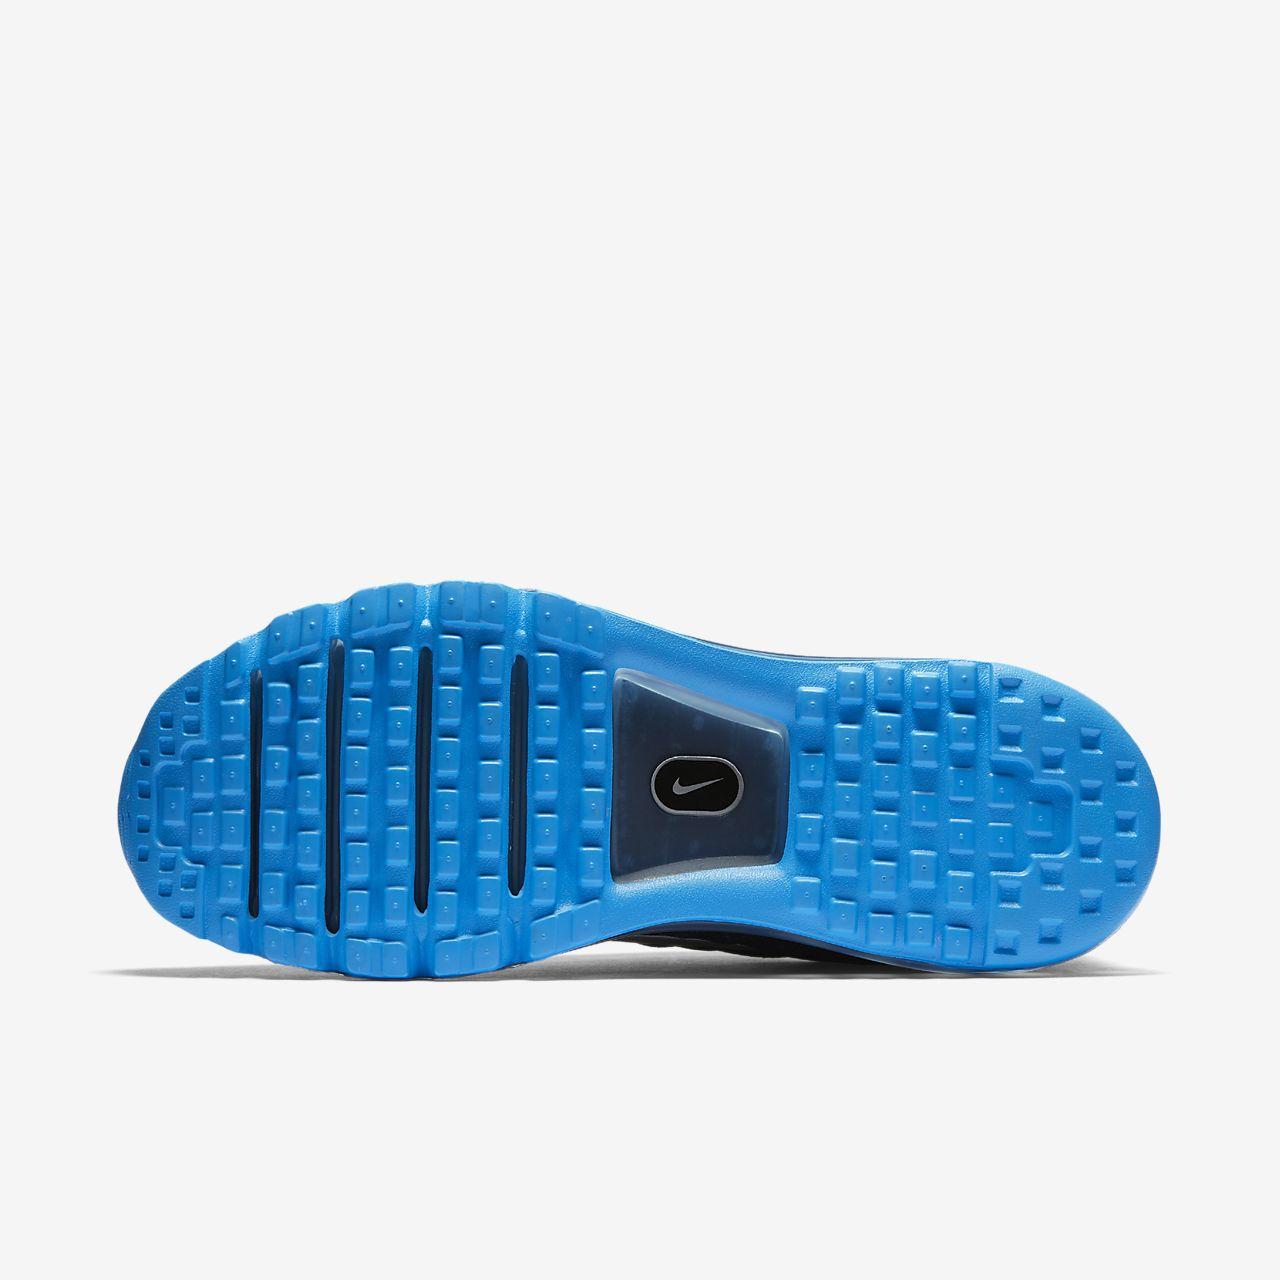 Sapatilhas Nike Air Max 2017 para homem